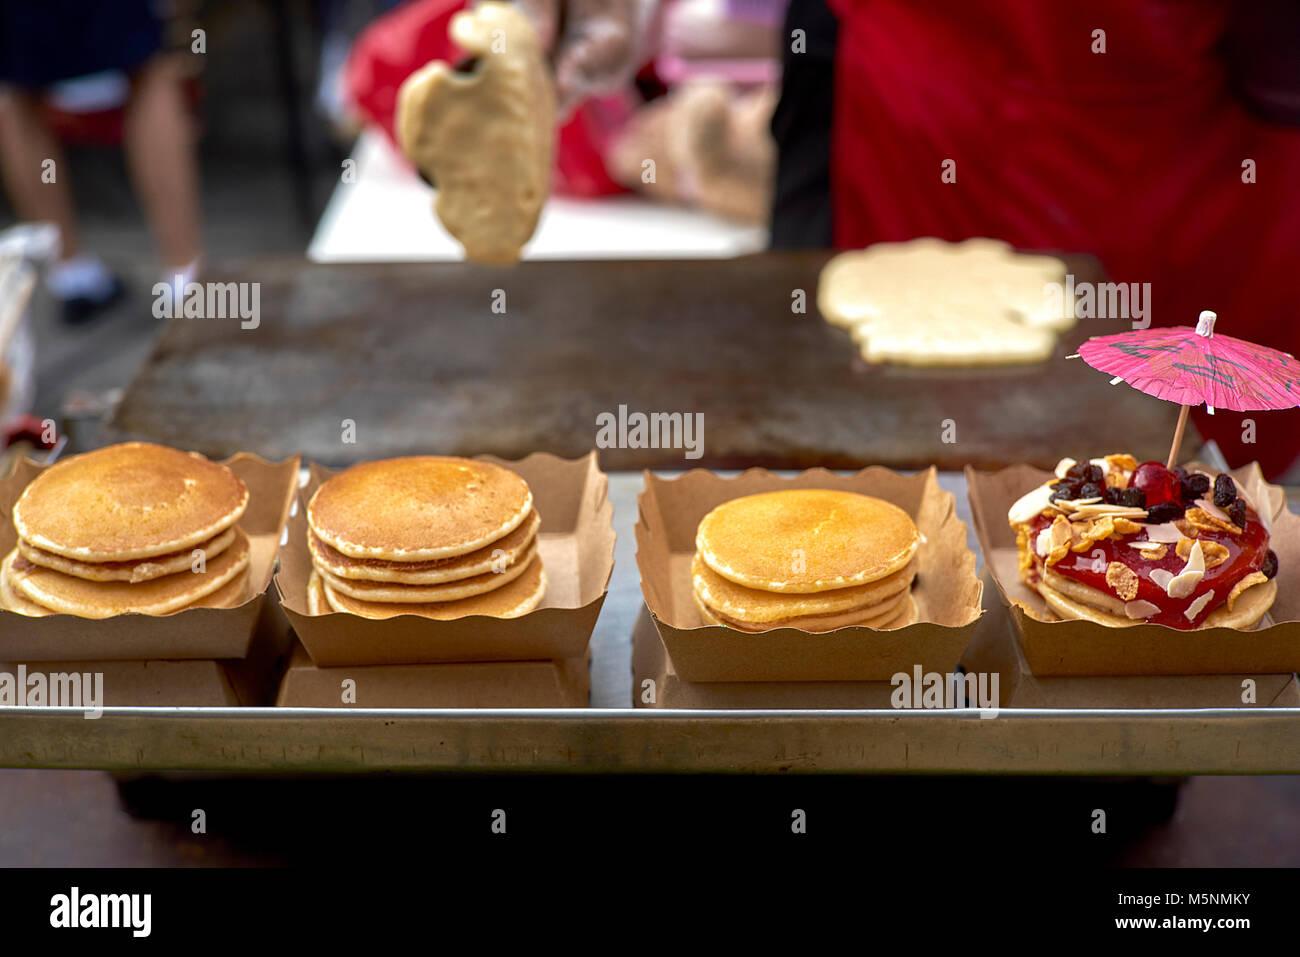 Thailand Street Food vendor vorbereiten und Dekorieren gefüllte Pfannkuchen. Von amerikanische Pfannkuchen Stockbild